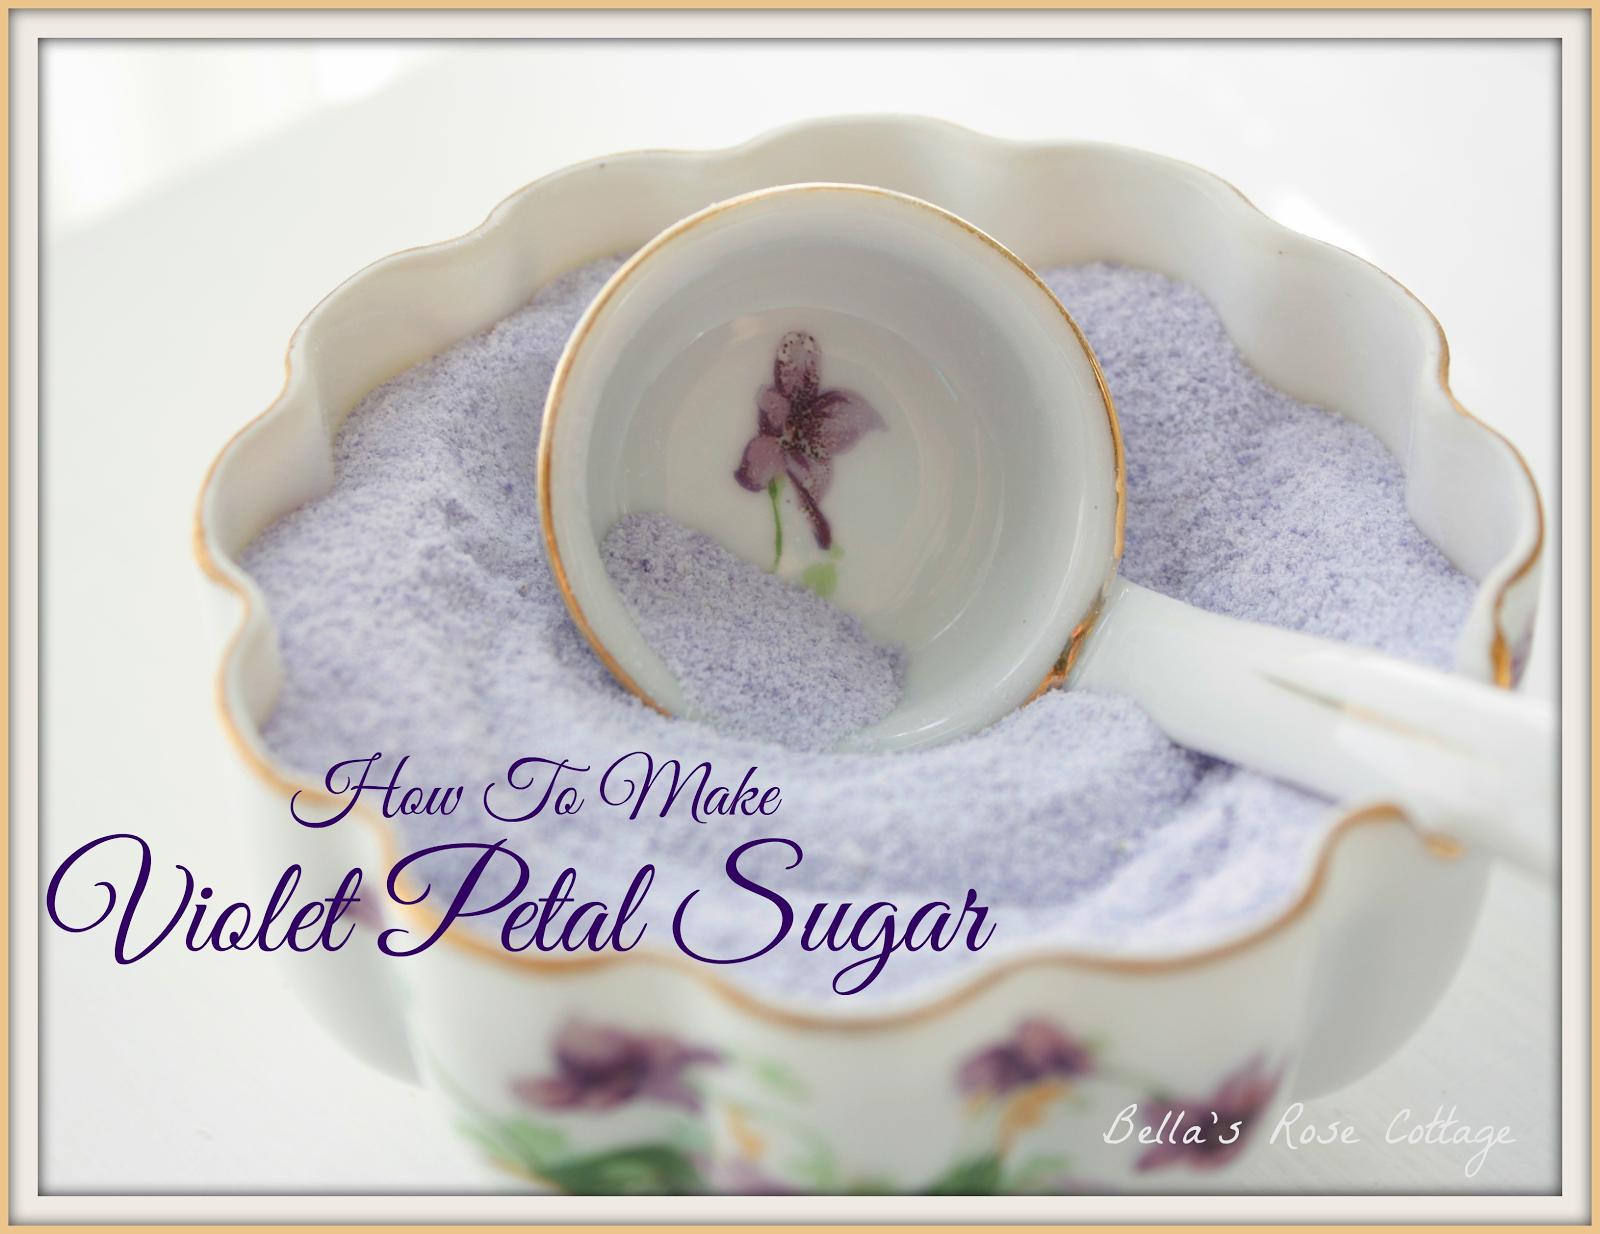 Violet Petal Sugar